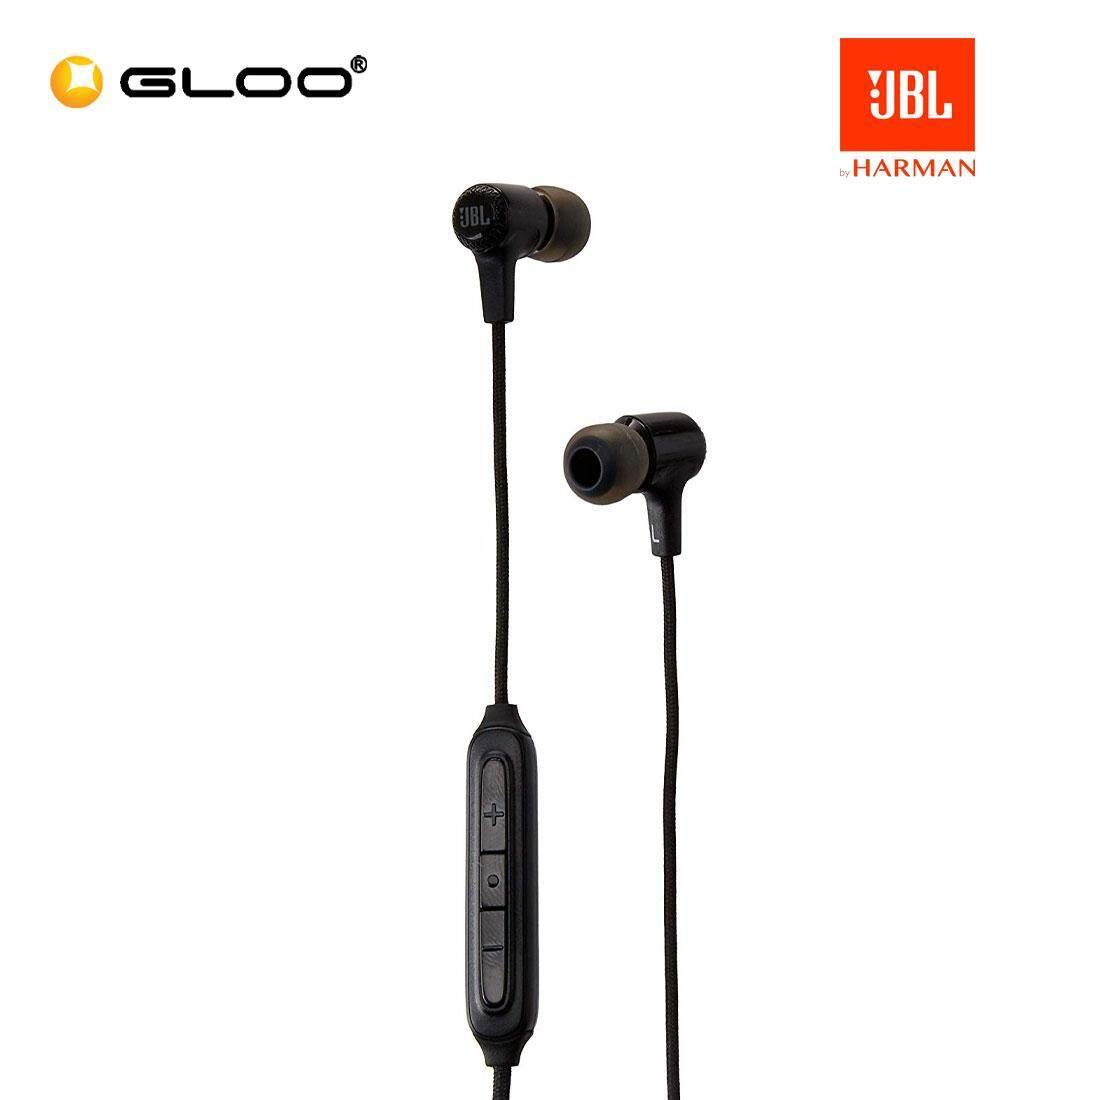 JBL E25BT Wireless In-Ear Headphones Black/Blue/Teal